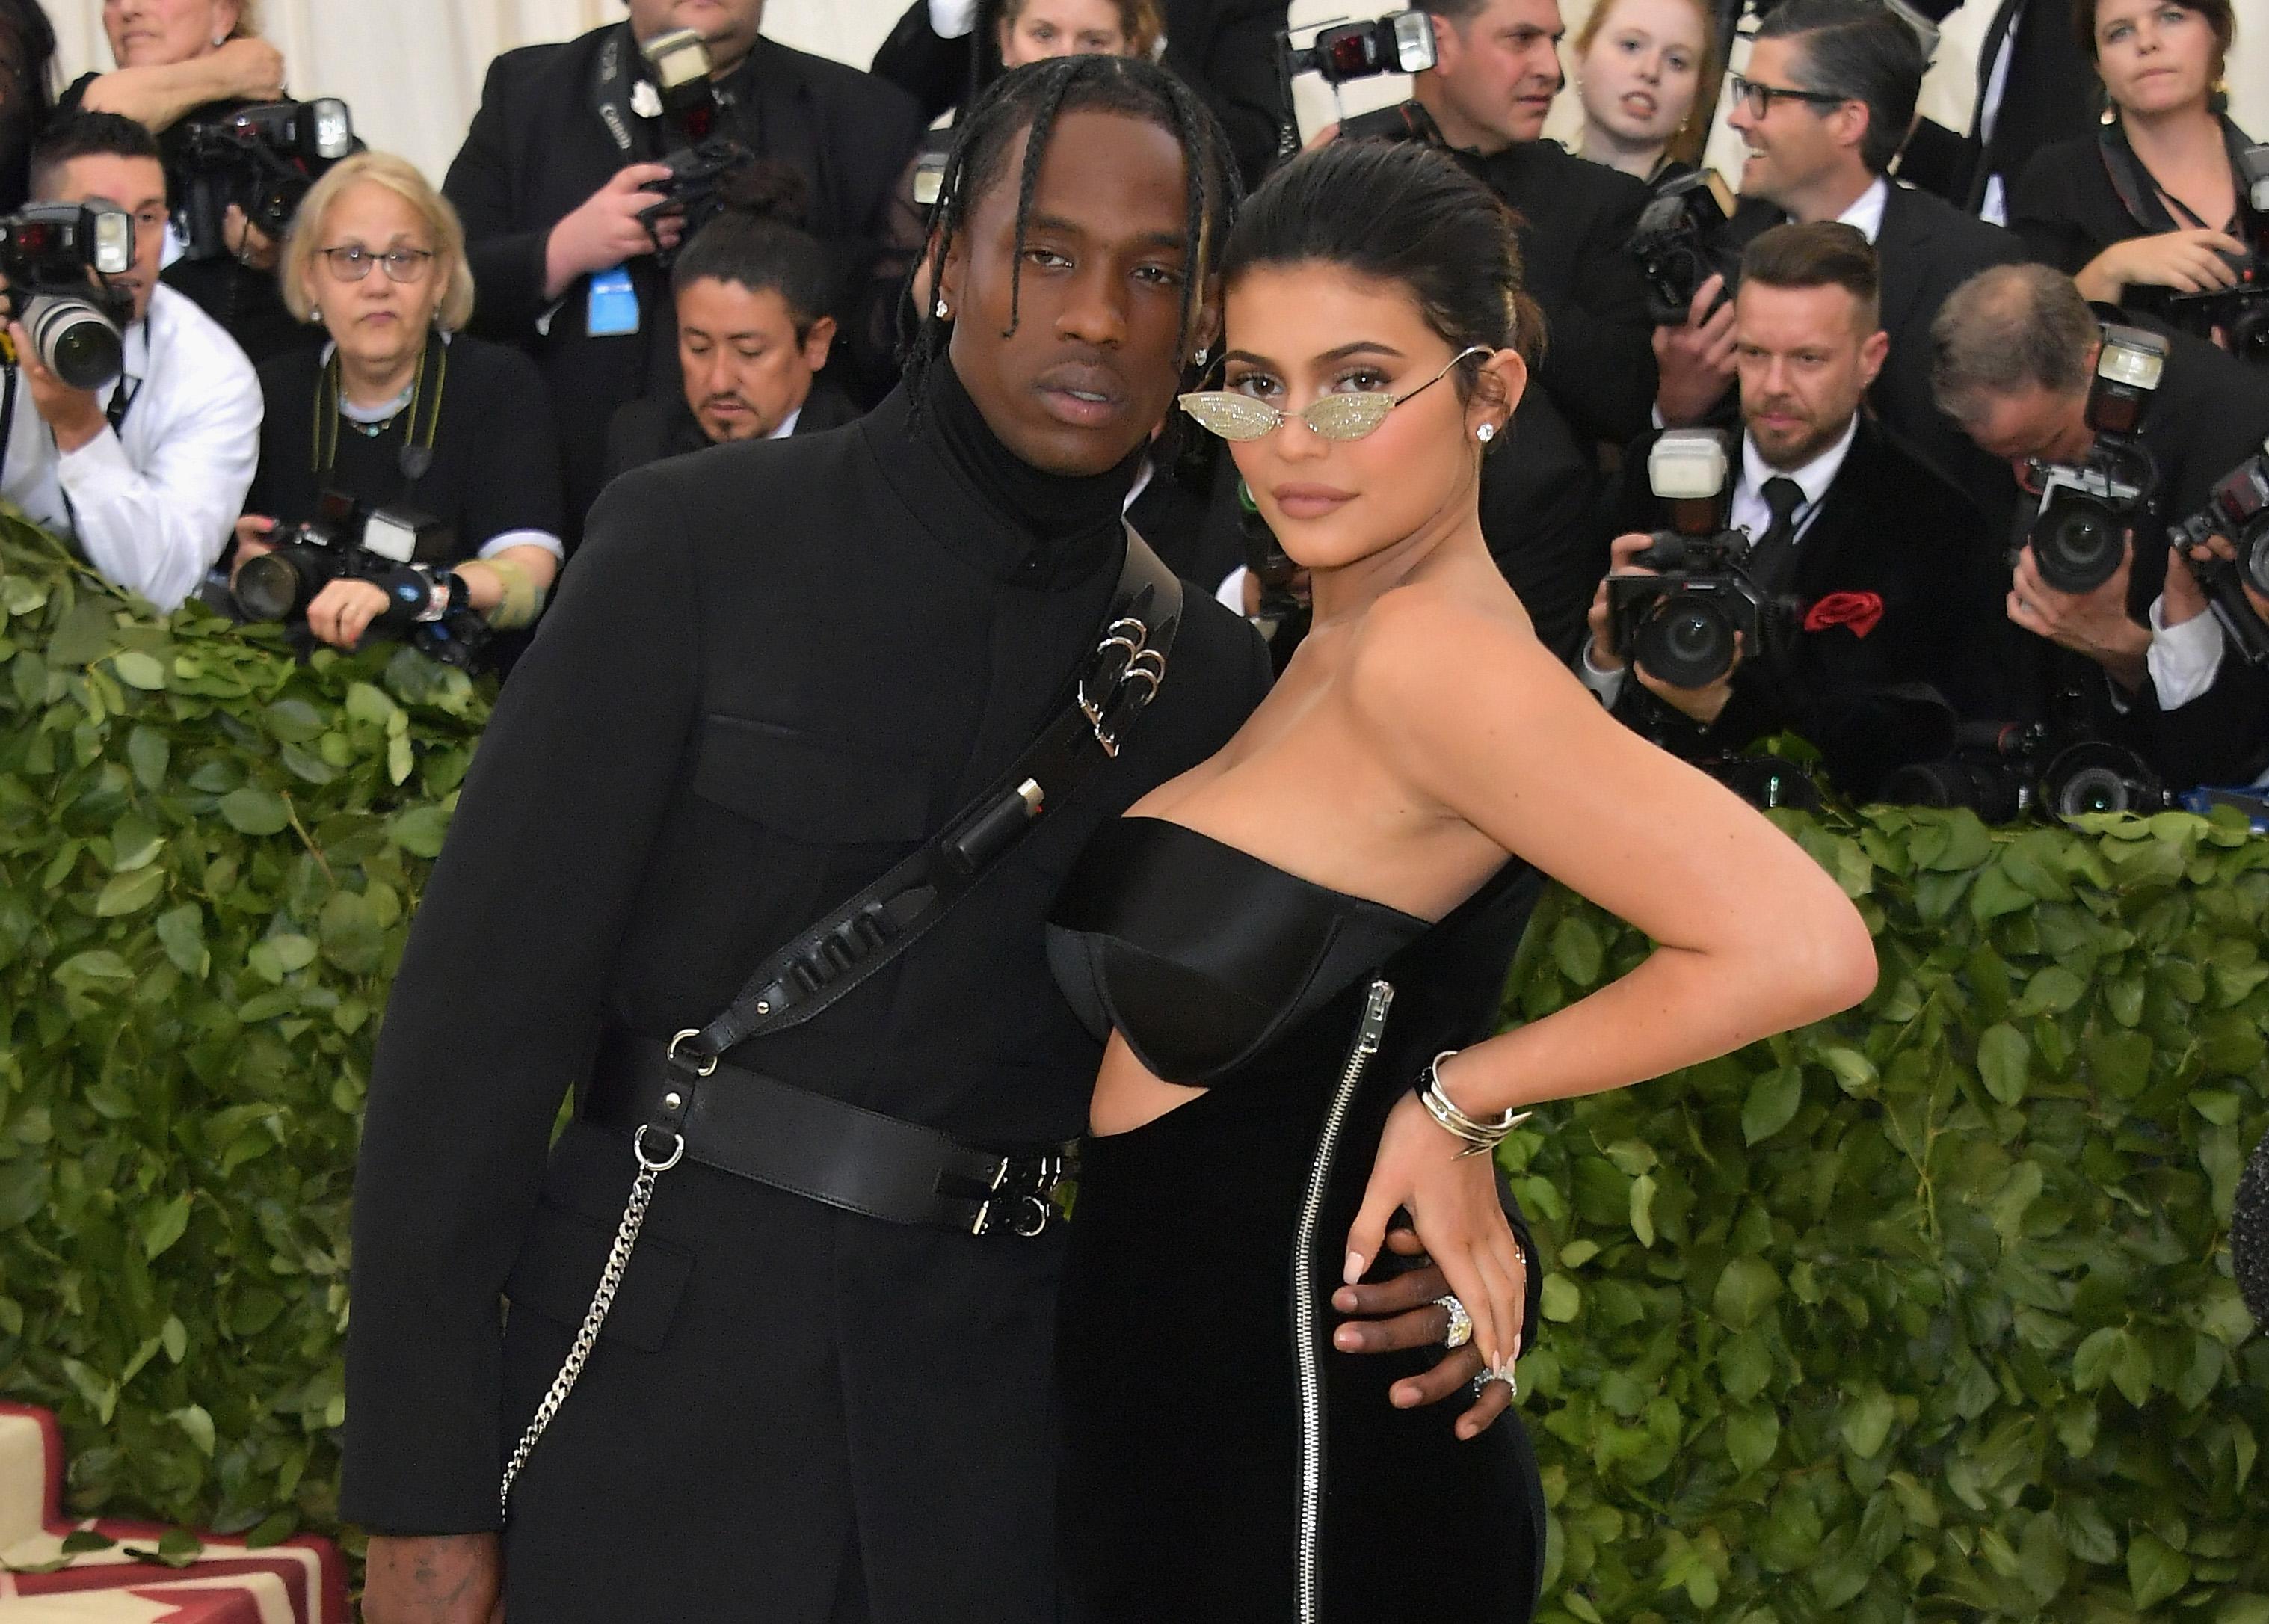 Kylie Jenner threw a tantrum on Travis Scott